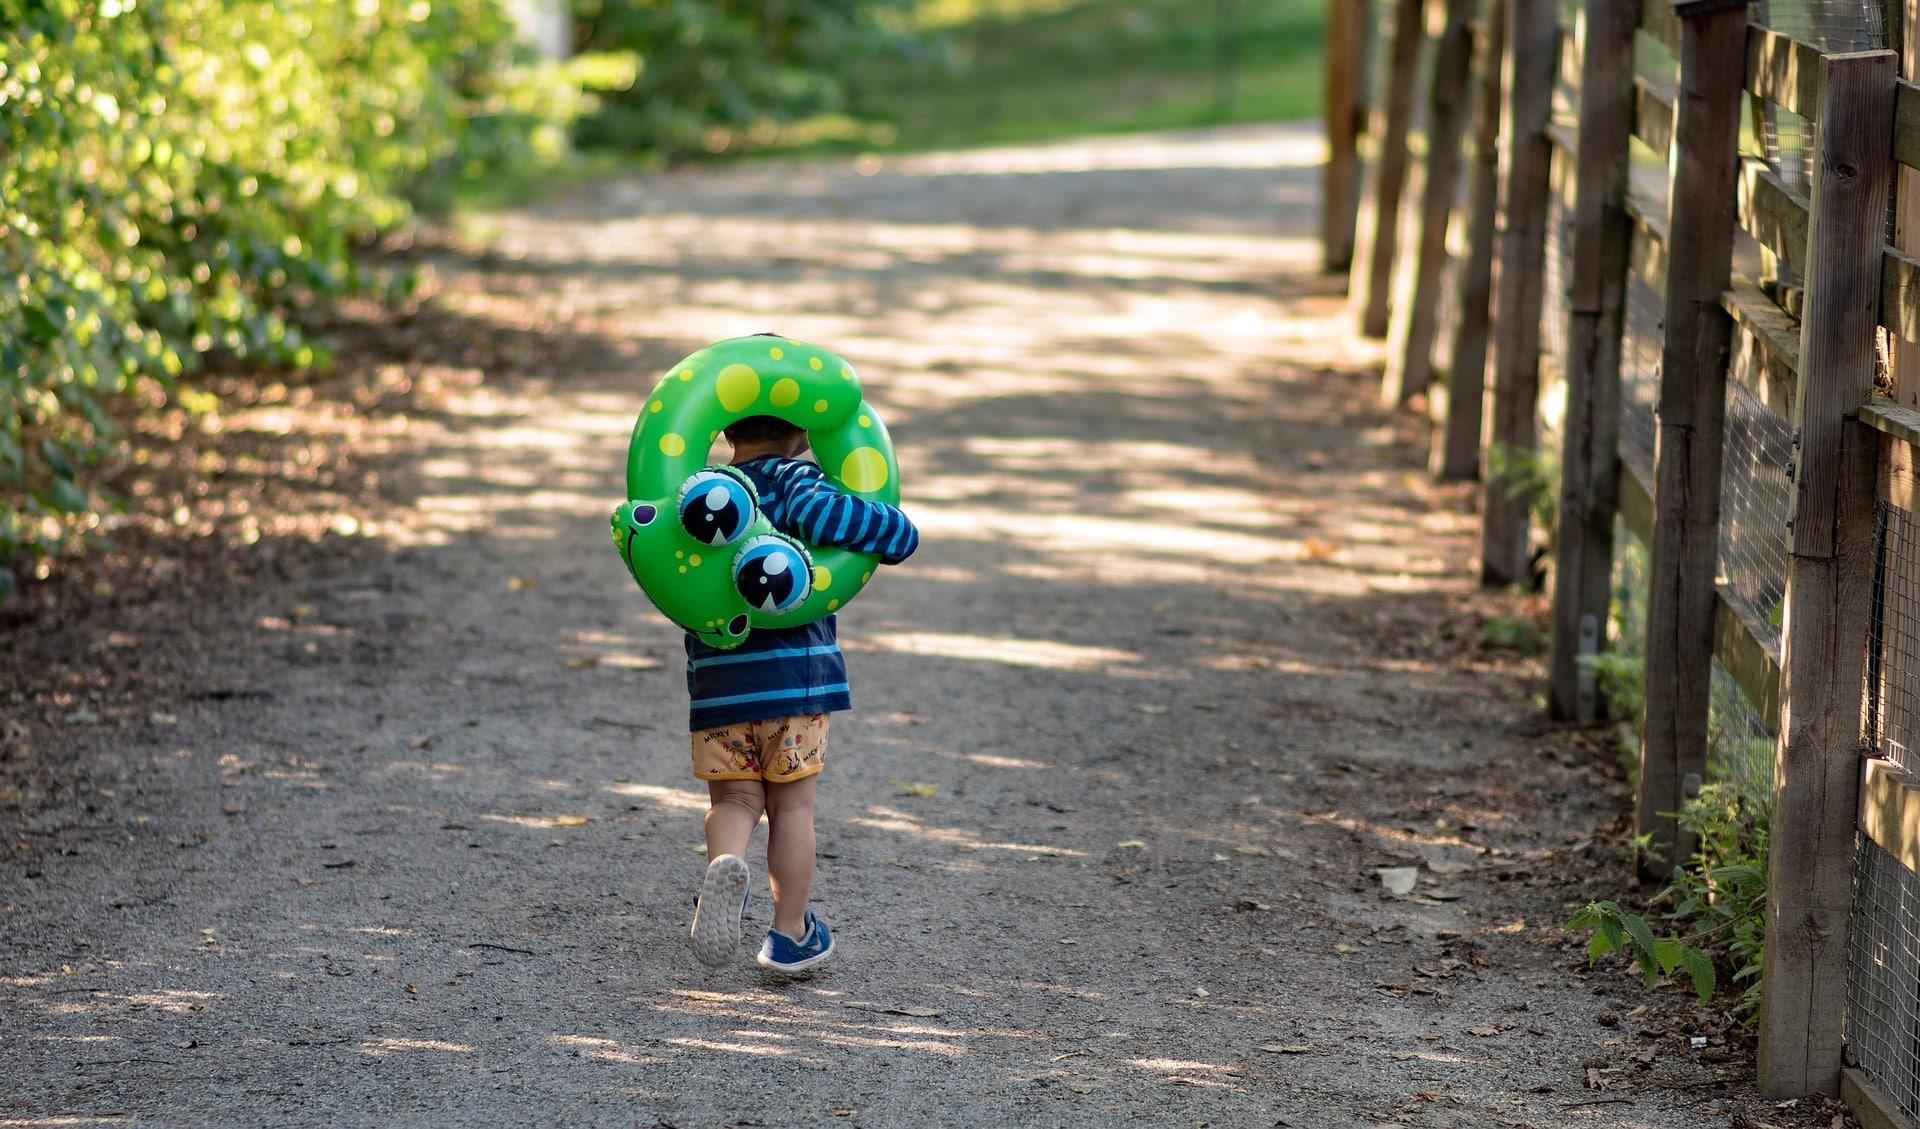 Junge mit grünem Schwimmreifen auf dem Weg zum Baden im Freizeitpark Hessen